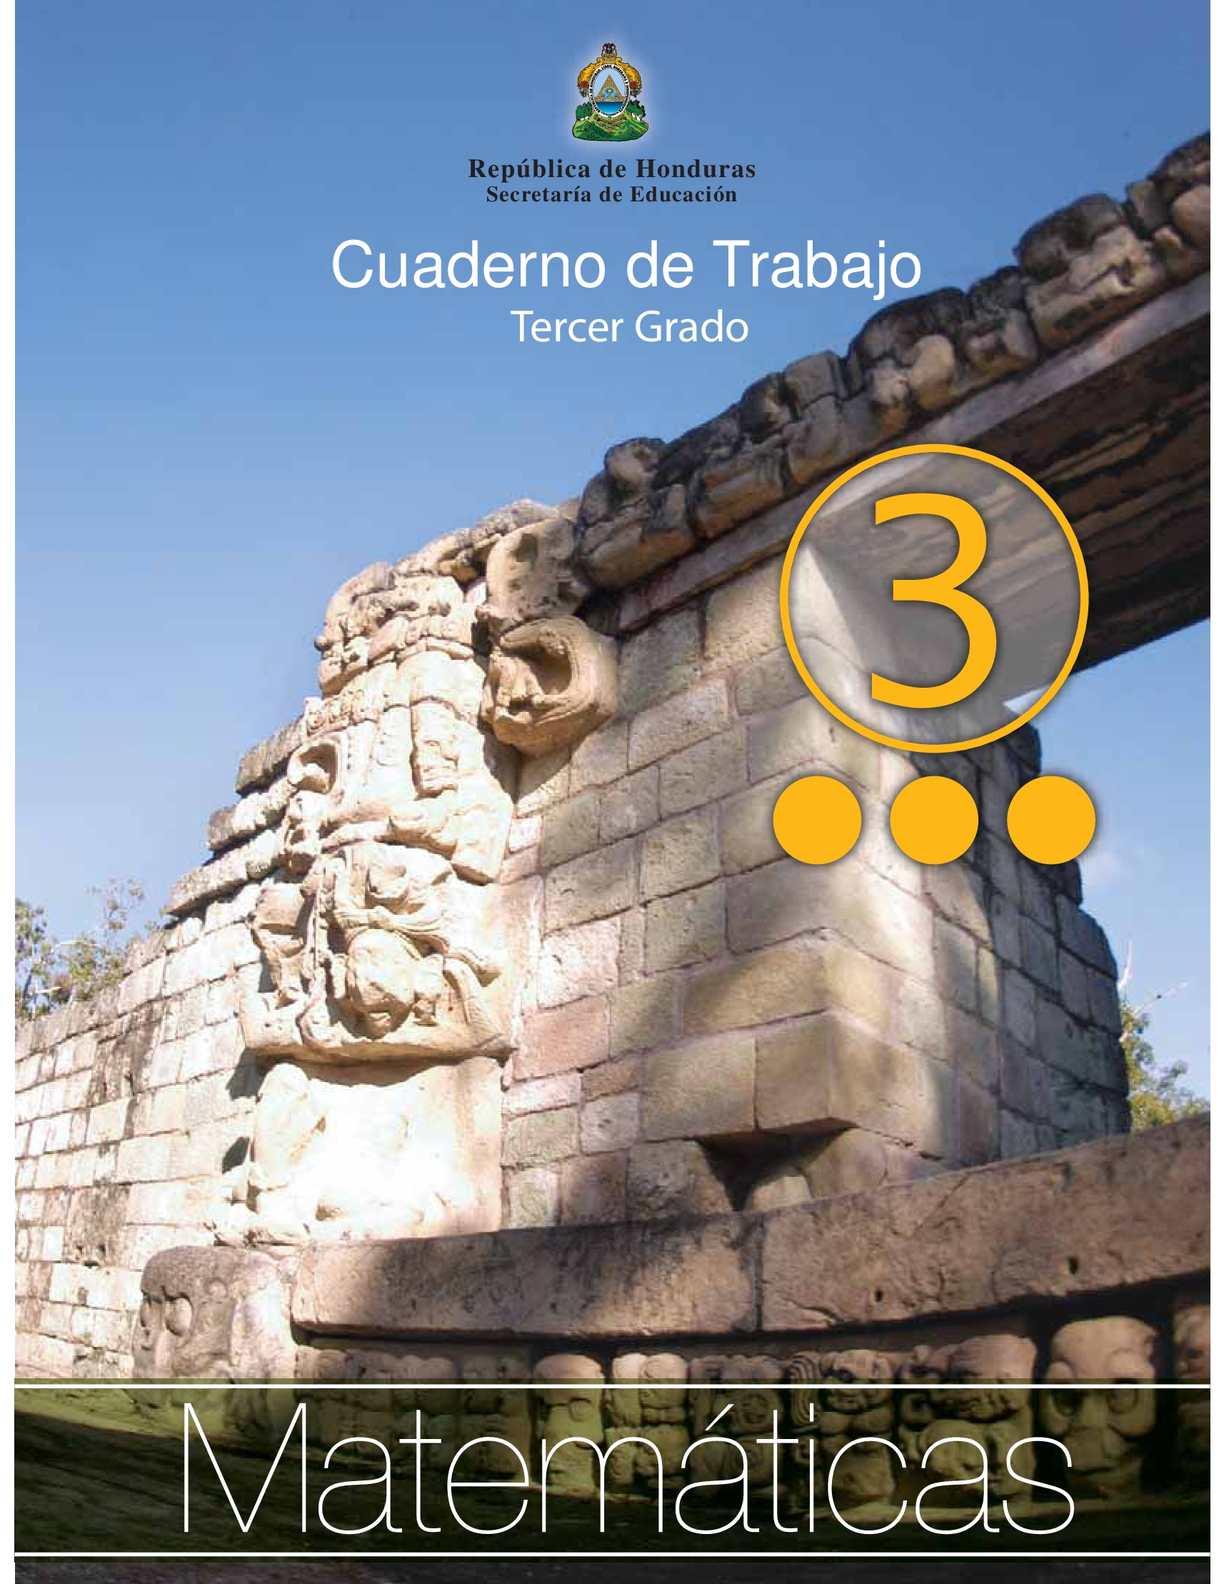 Calaméo - 3er Grado - Cuaderno de Trabajo - Matematicas